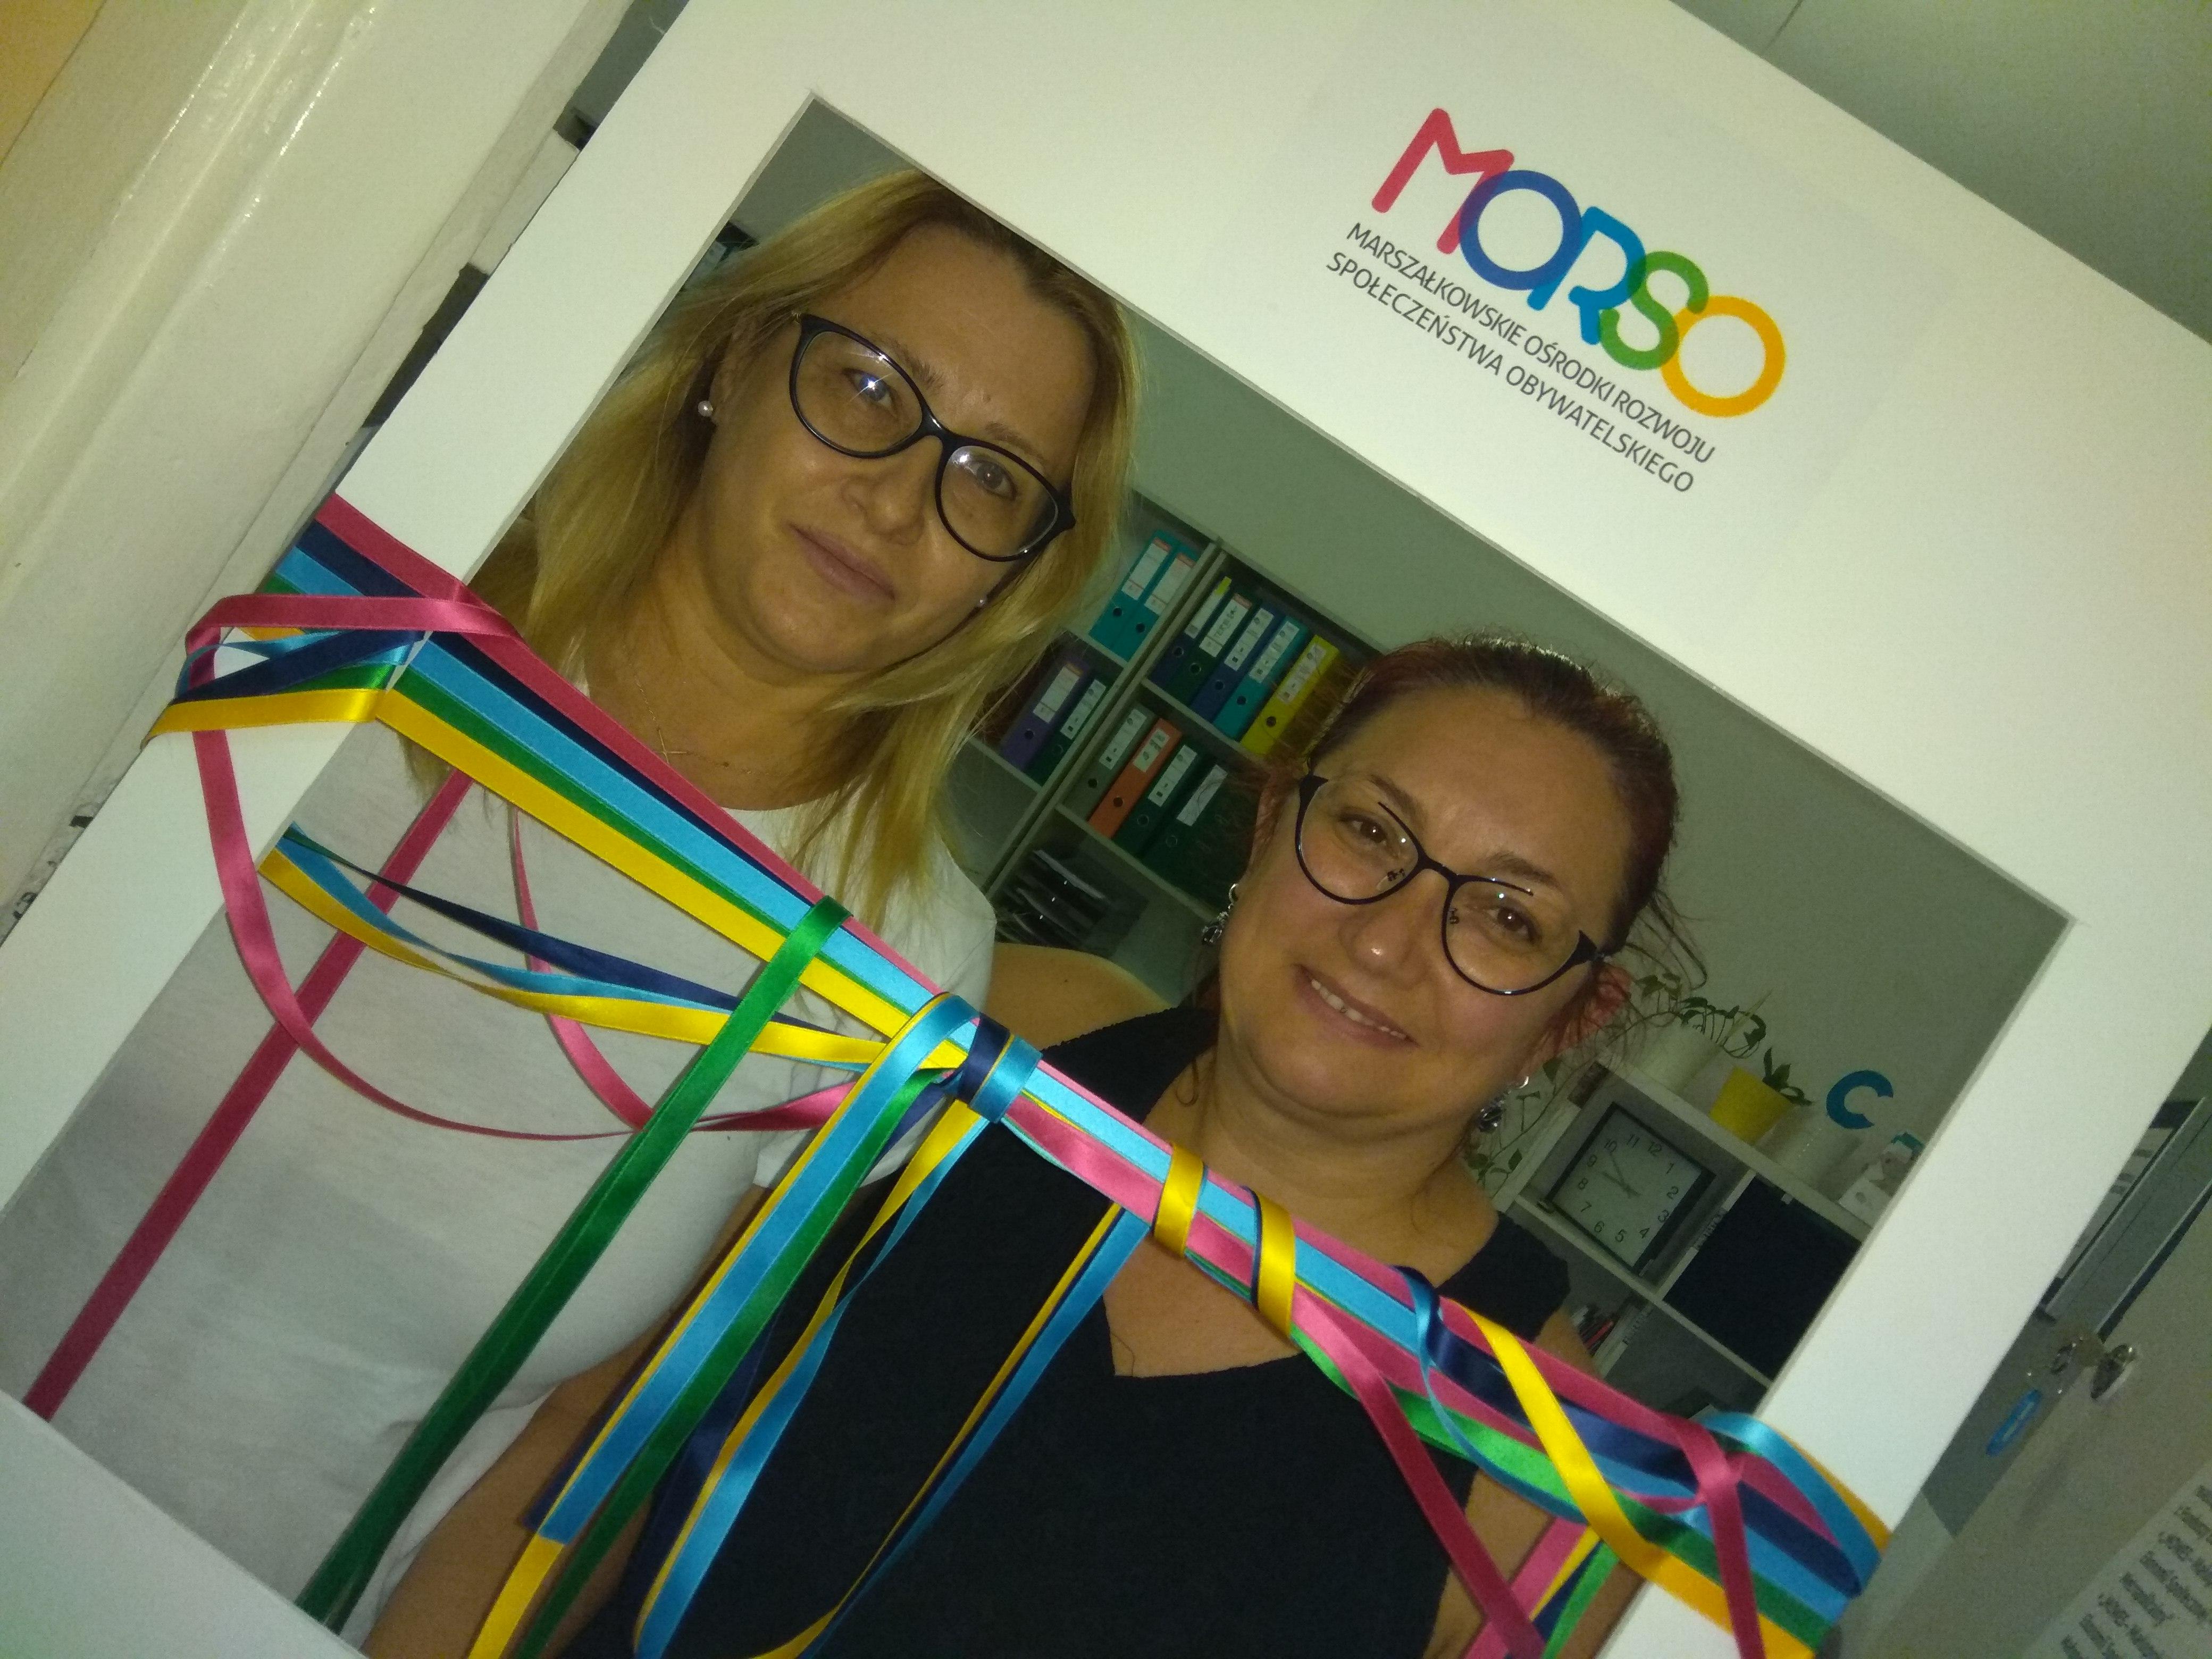 Spotkanie doradcze z Panią Olgą Glińską w nowo otwartym  Marszałkowskim Ośrodku Rozwoju Organizacji Pozarządowych (MORSO) w Krakowie